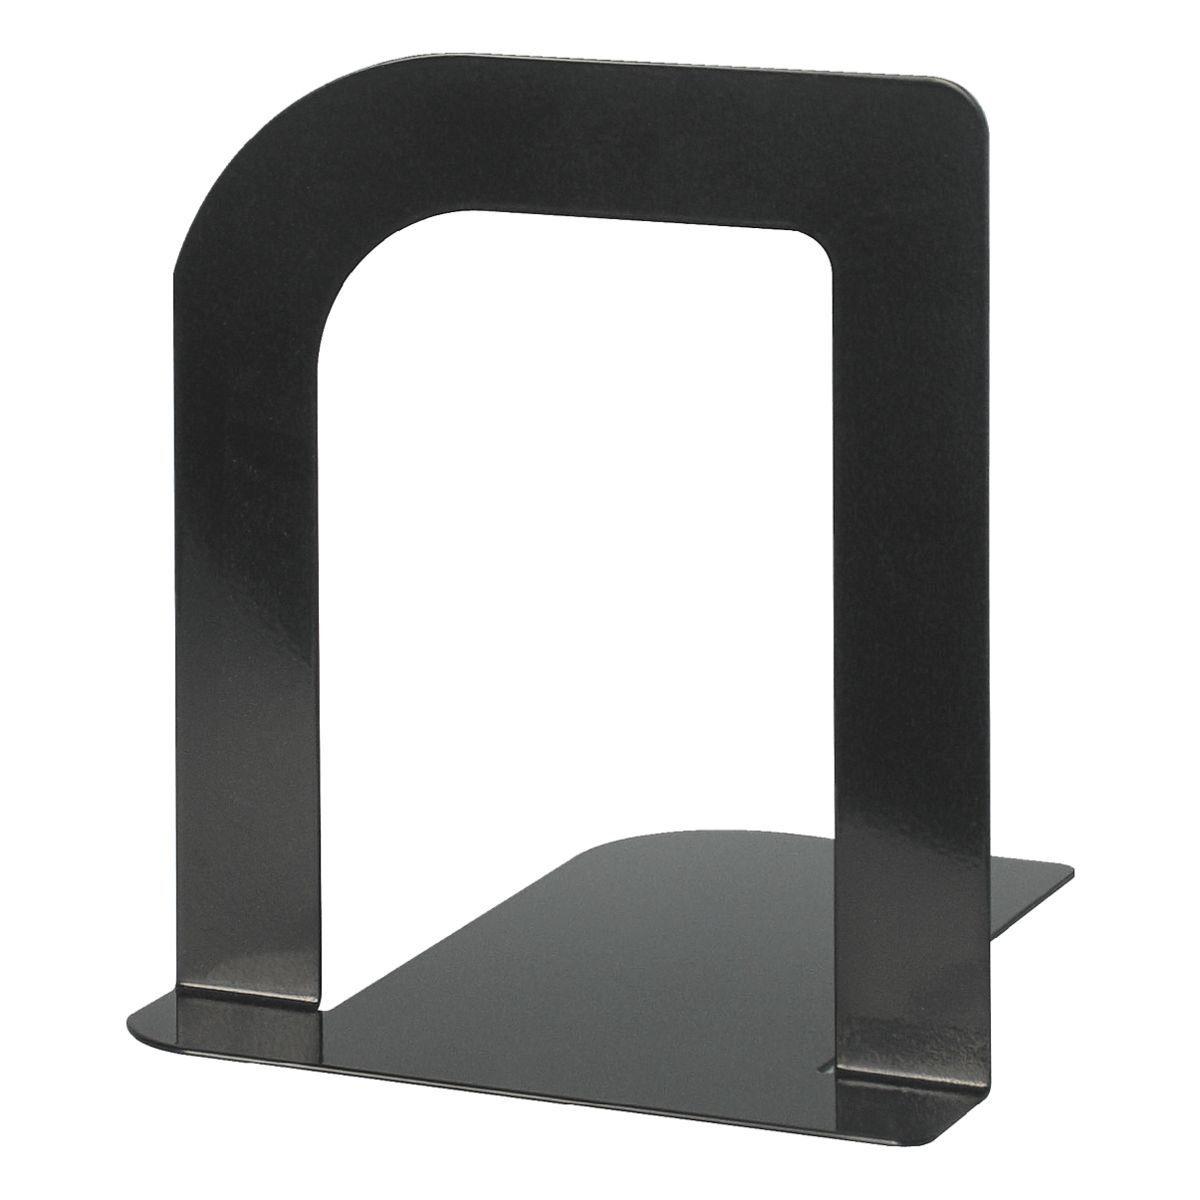 Maul Buchstütze breit 14 cm hoch »Design«